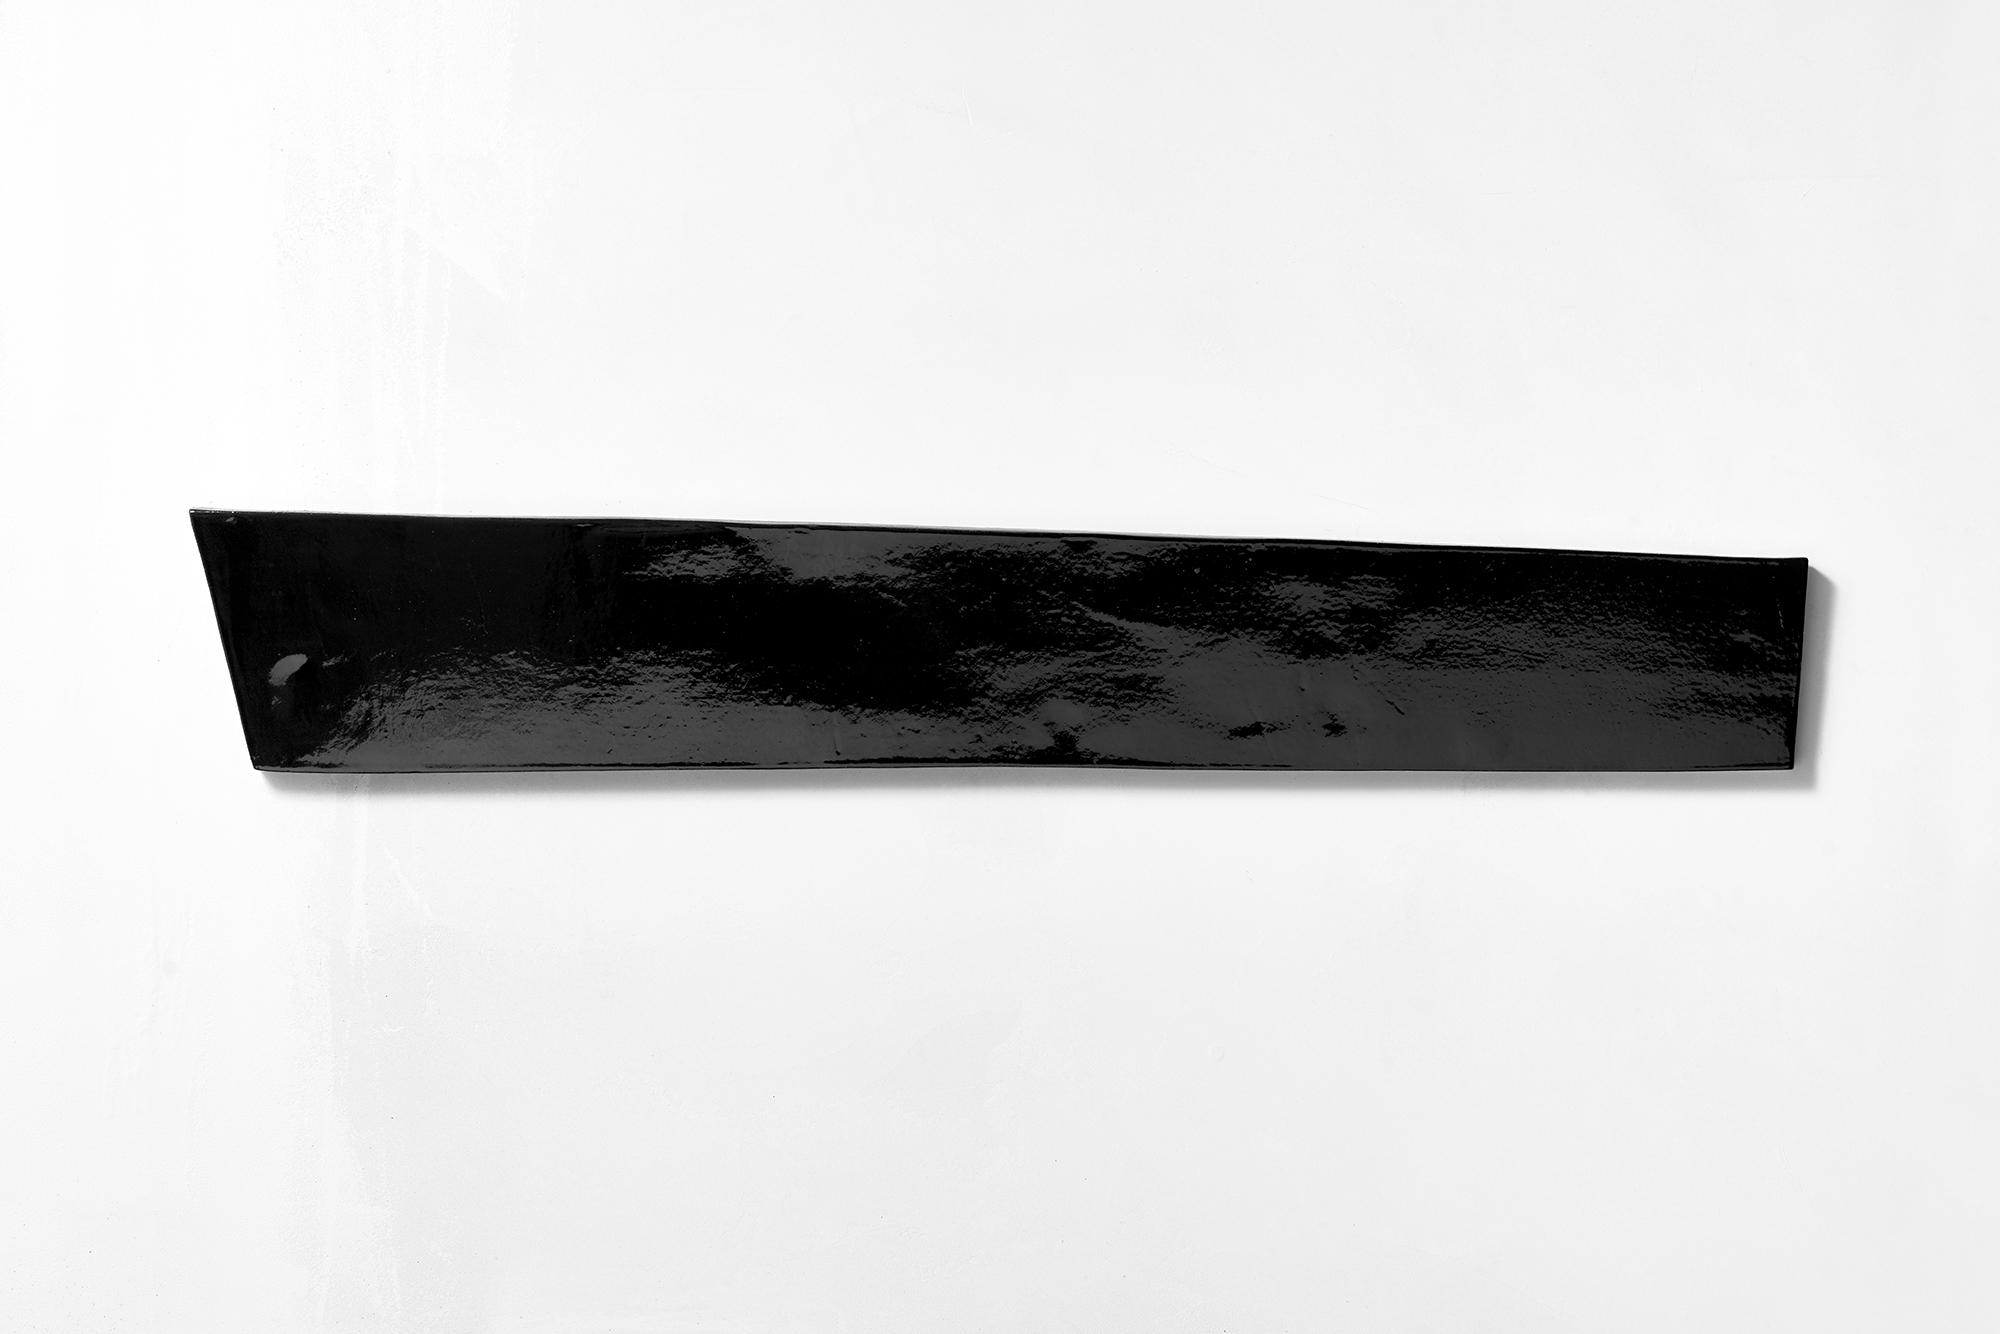 5. Michele Lombardelli, senza titolo, 2018, ceramica smaltata, 91x14x1cm